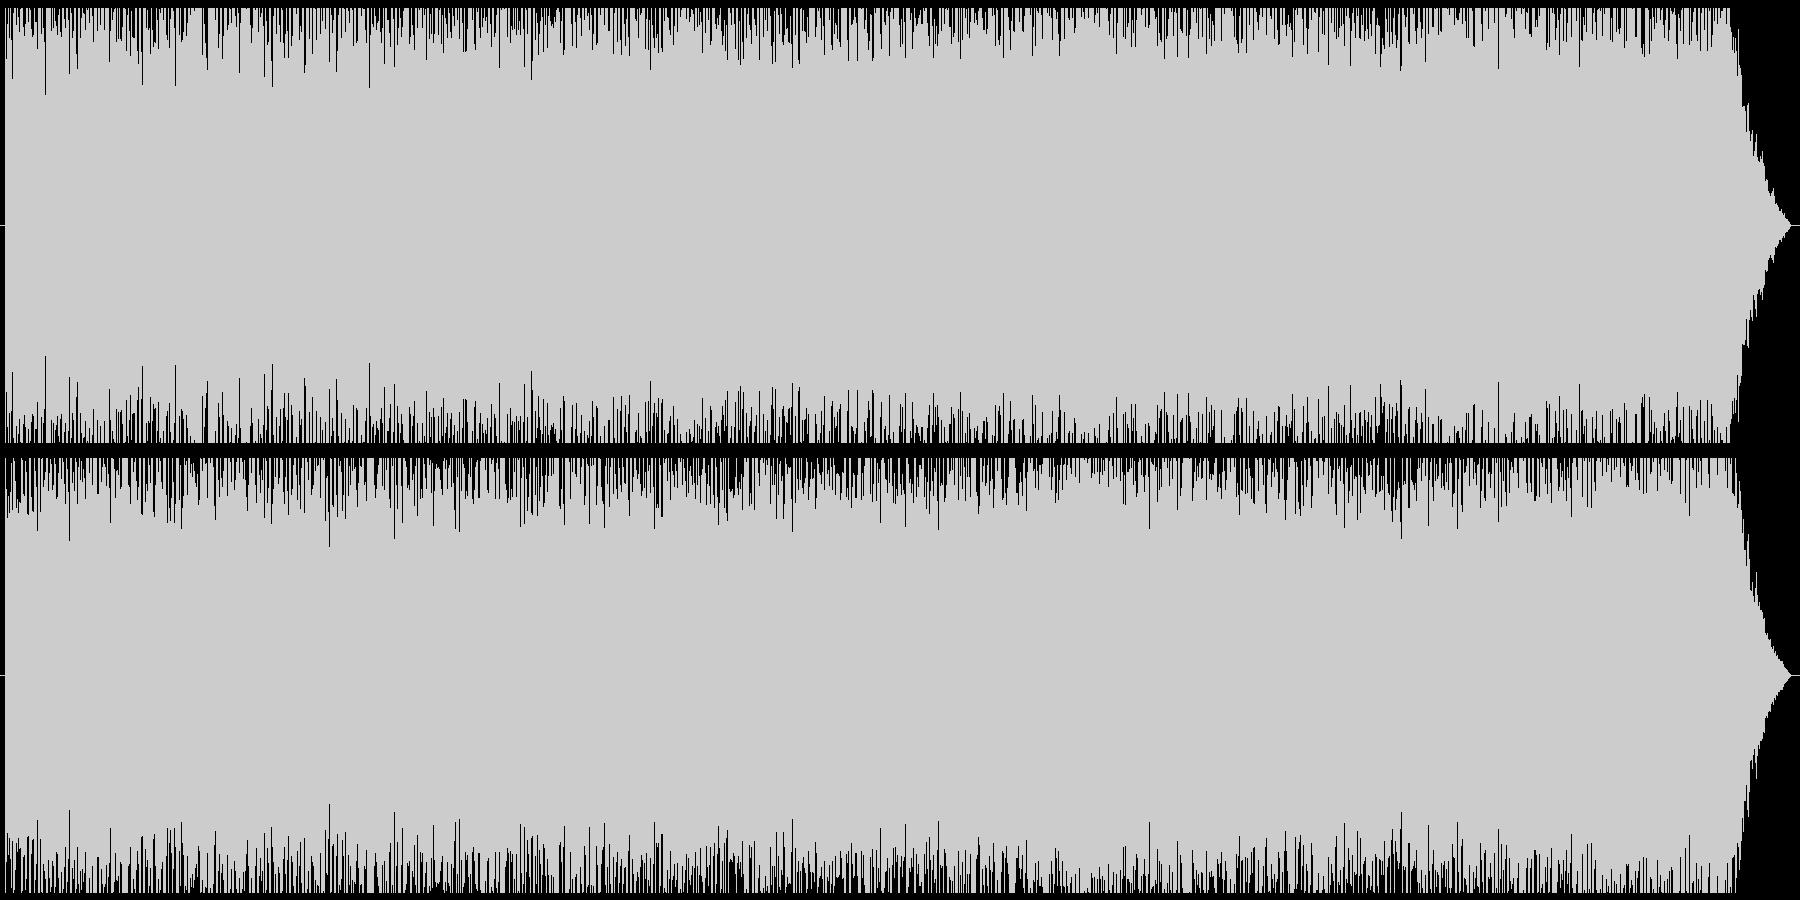 ショパン「別れの曲」ざっくり43秒まとめの未再生の波形